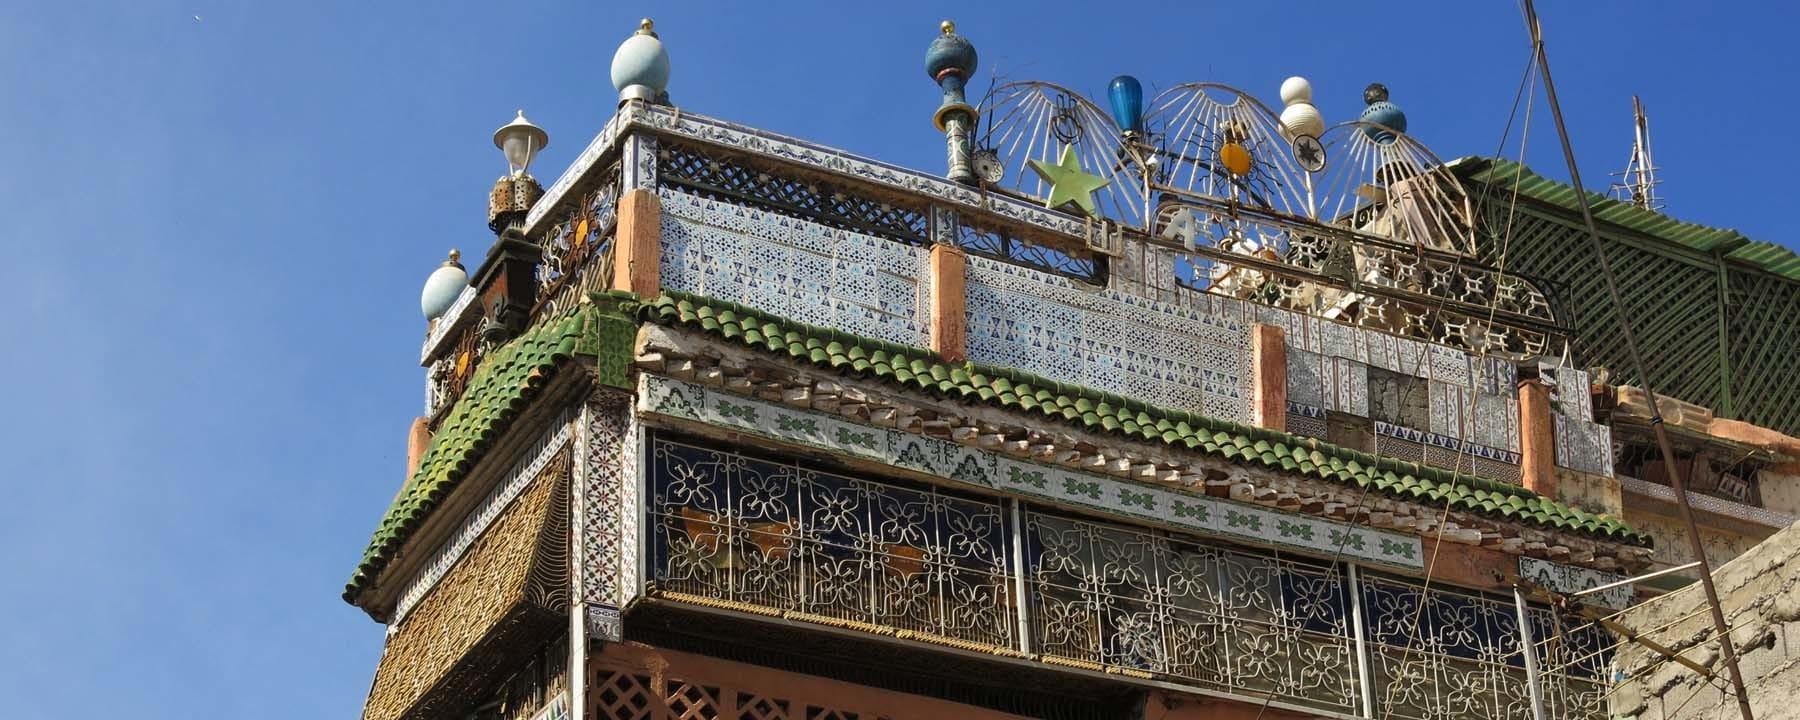 Moroccan arts and handicraft_Source Verena Schwarz for NOSADE